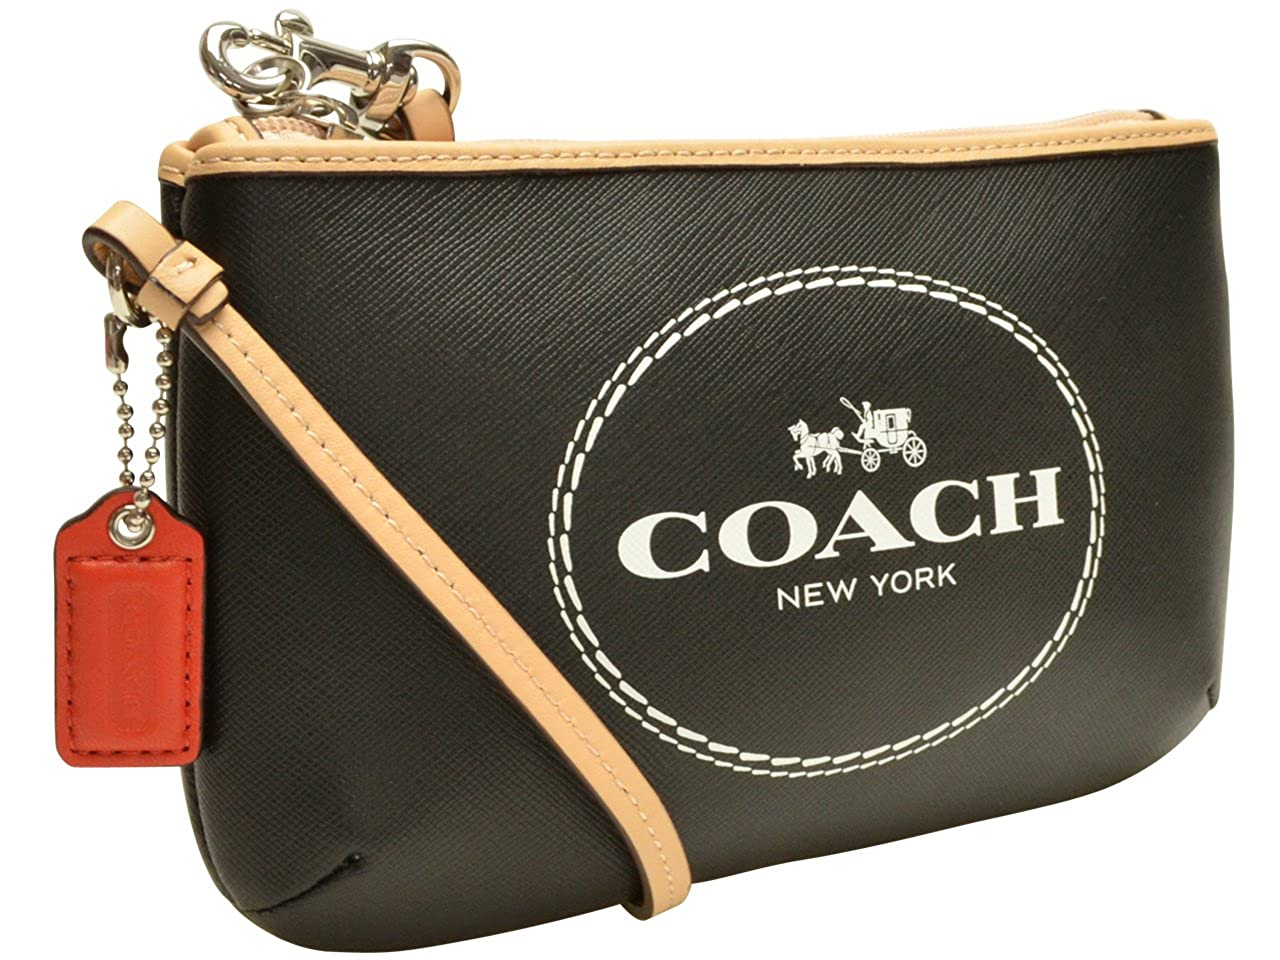 (コーチ) COACH ポーチ ブラック レザー f51788svbk アウトレット レディース ブランド 並行輸入品   B00NITB6KS